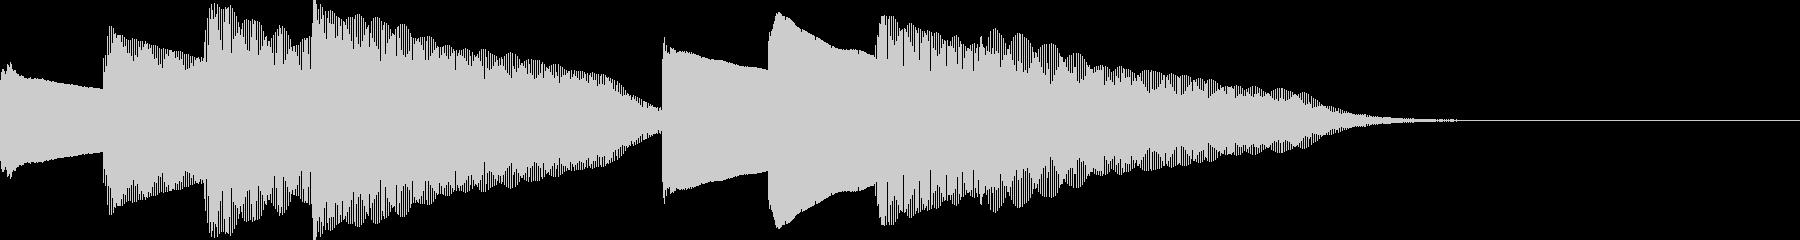 ピンポンパンポン。上向、下降。鉄琴の未再生の波形